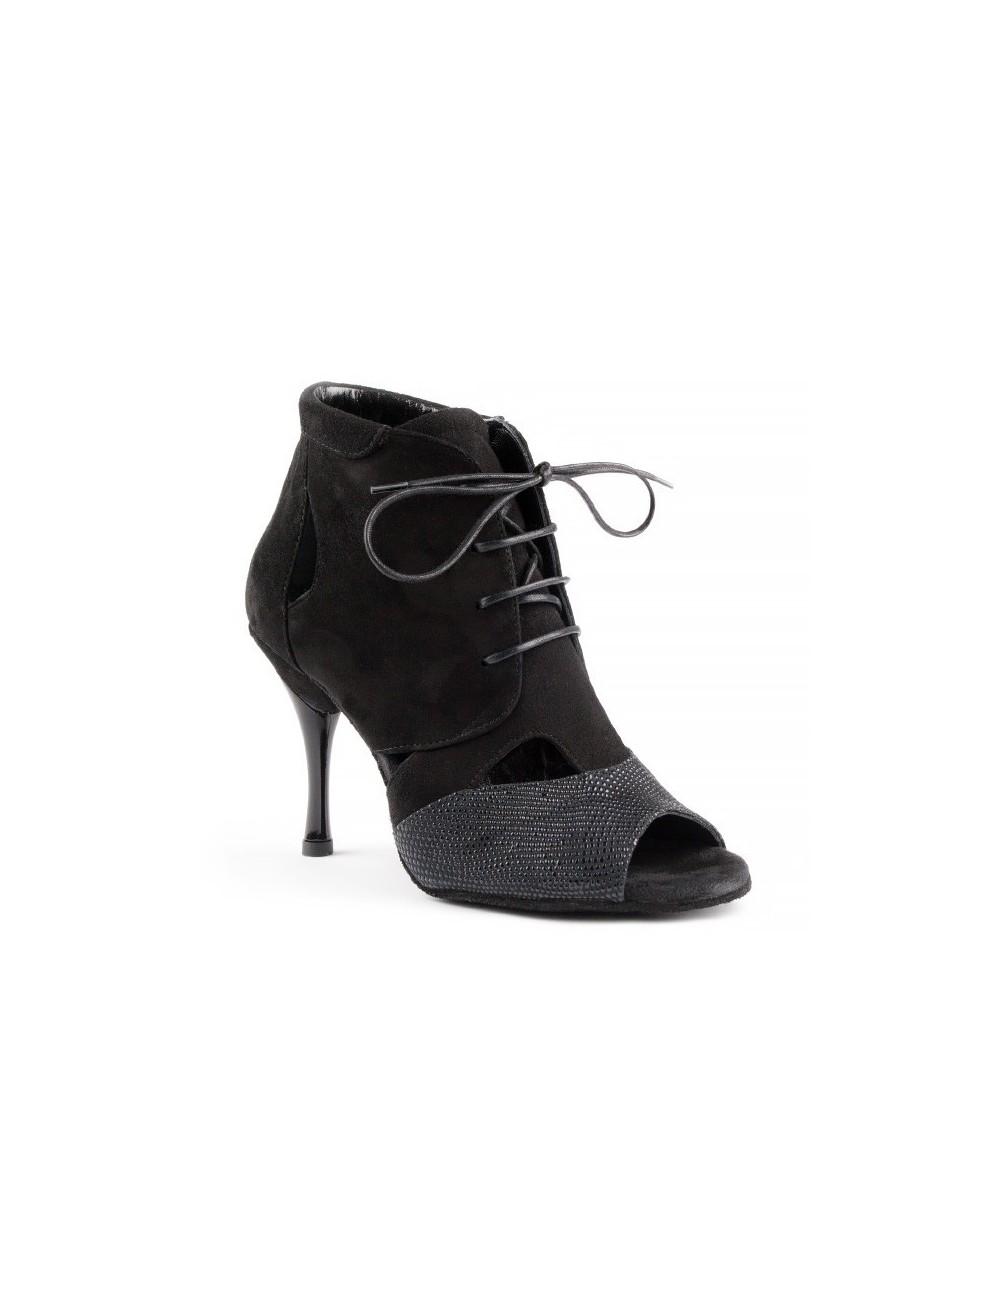 92f78561 Zapatos de baile botin mujer. Encuentra tus zapatos portdance en Carol  Martinez dance shoes tu tienda de zapatos de salsa en malaga. Gran  colección para ...